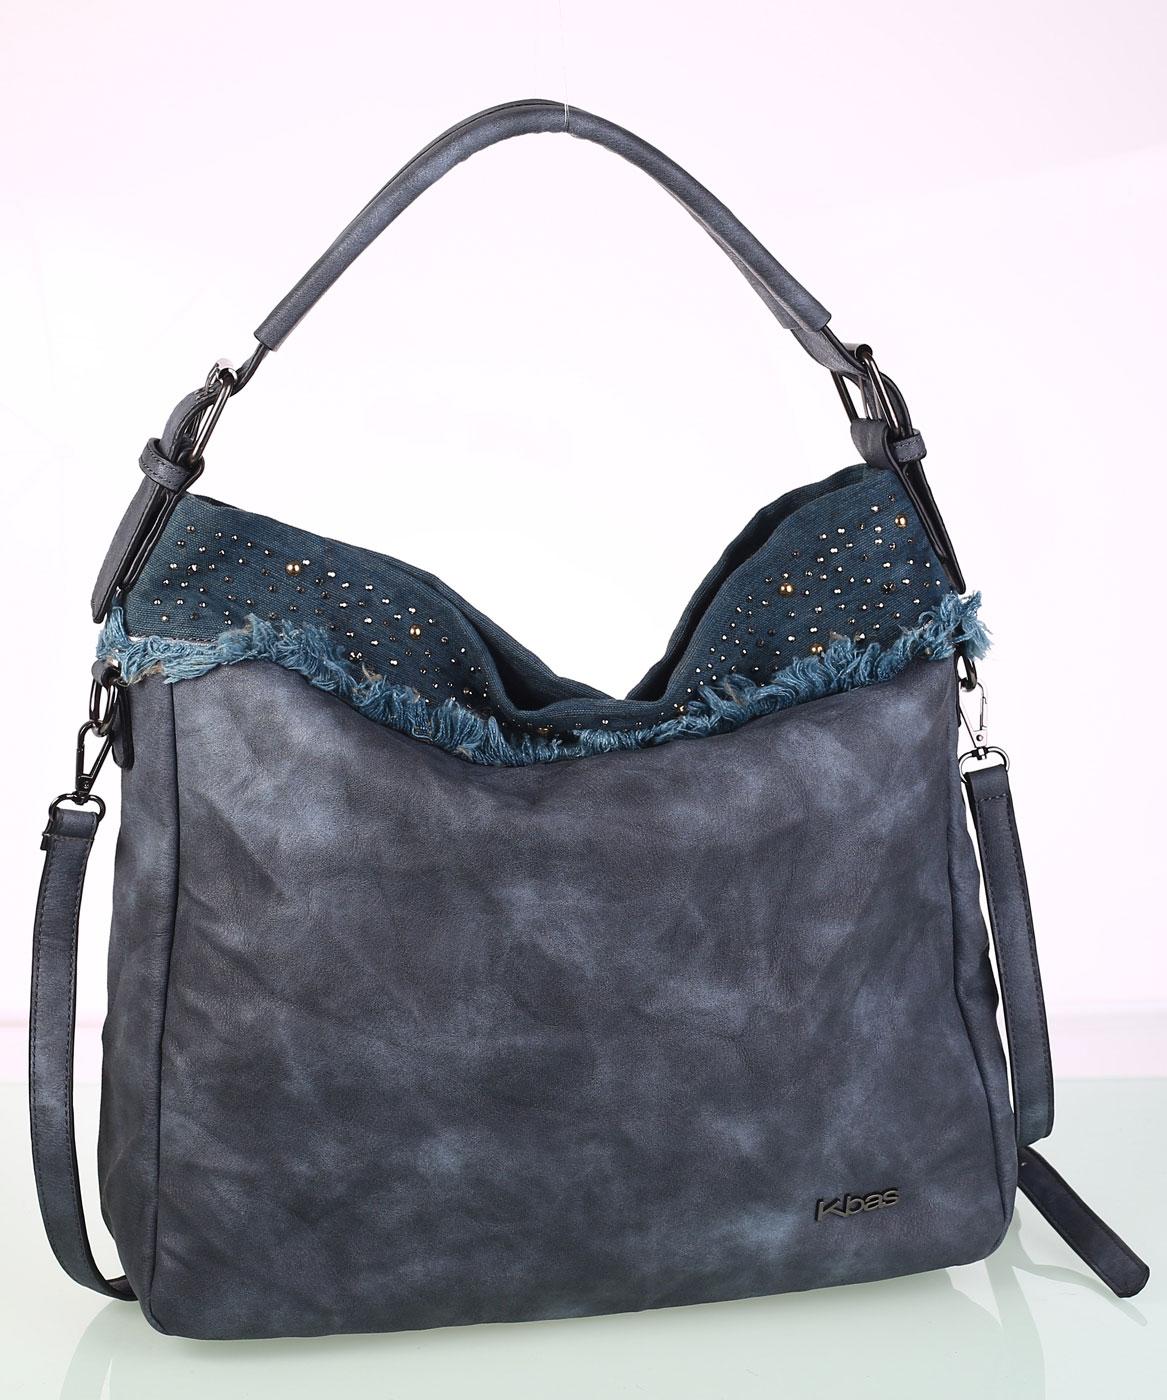 3c5054e98fef Női táska ekobőrből Kbas dekoratív szegecsekkel kék